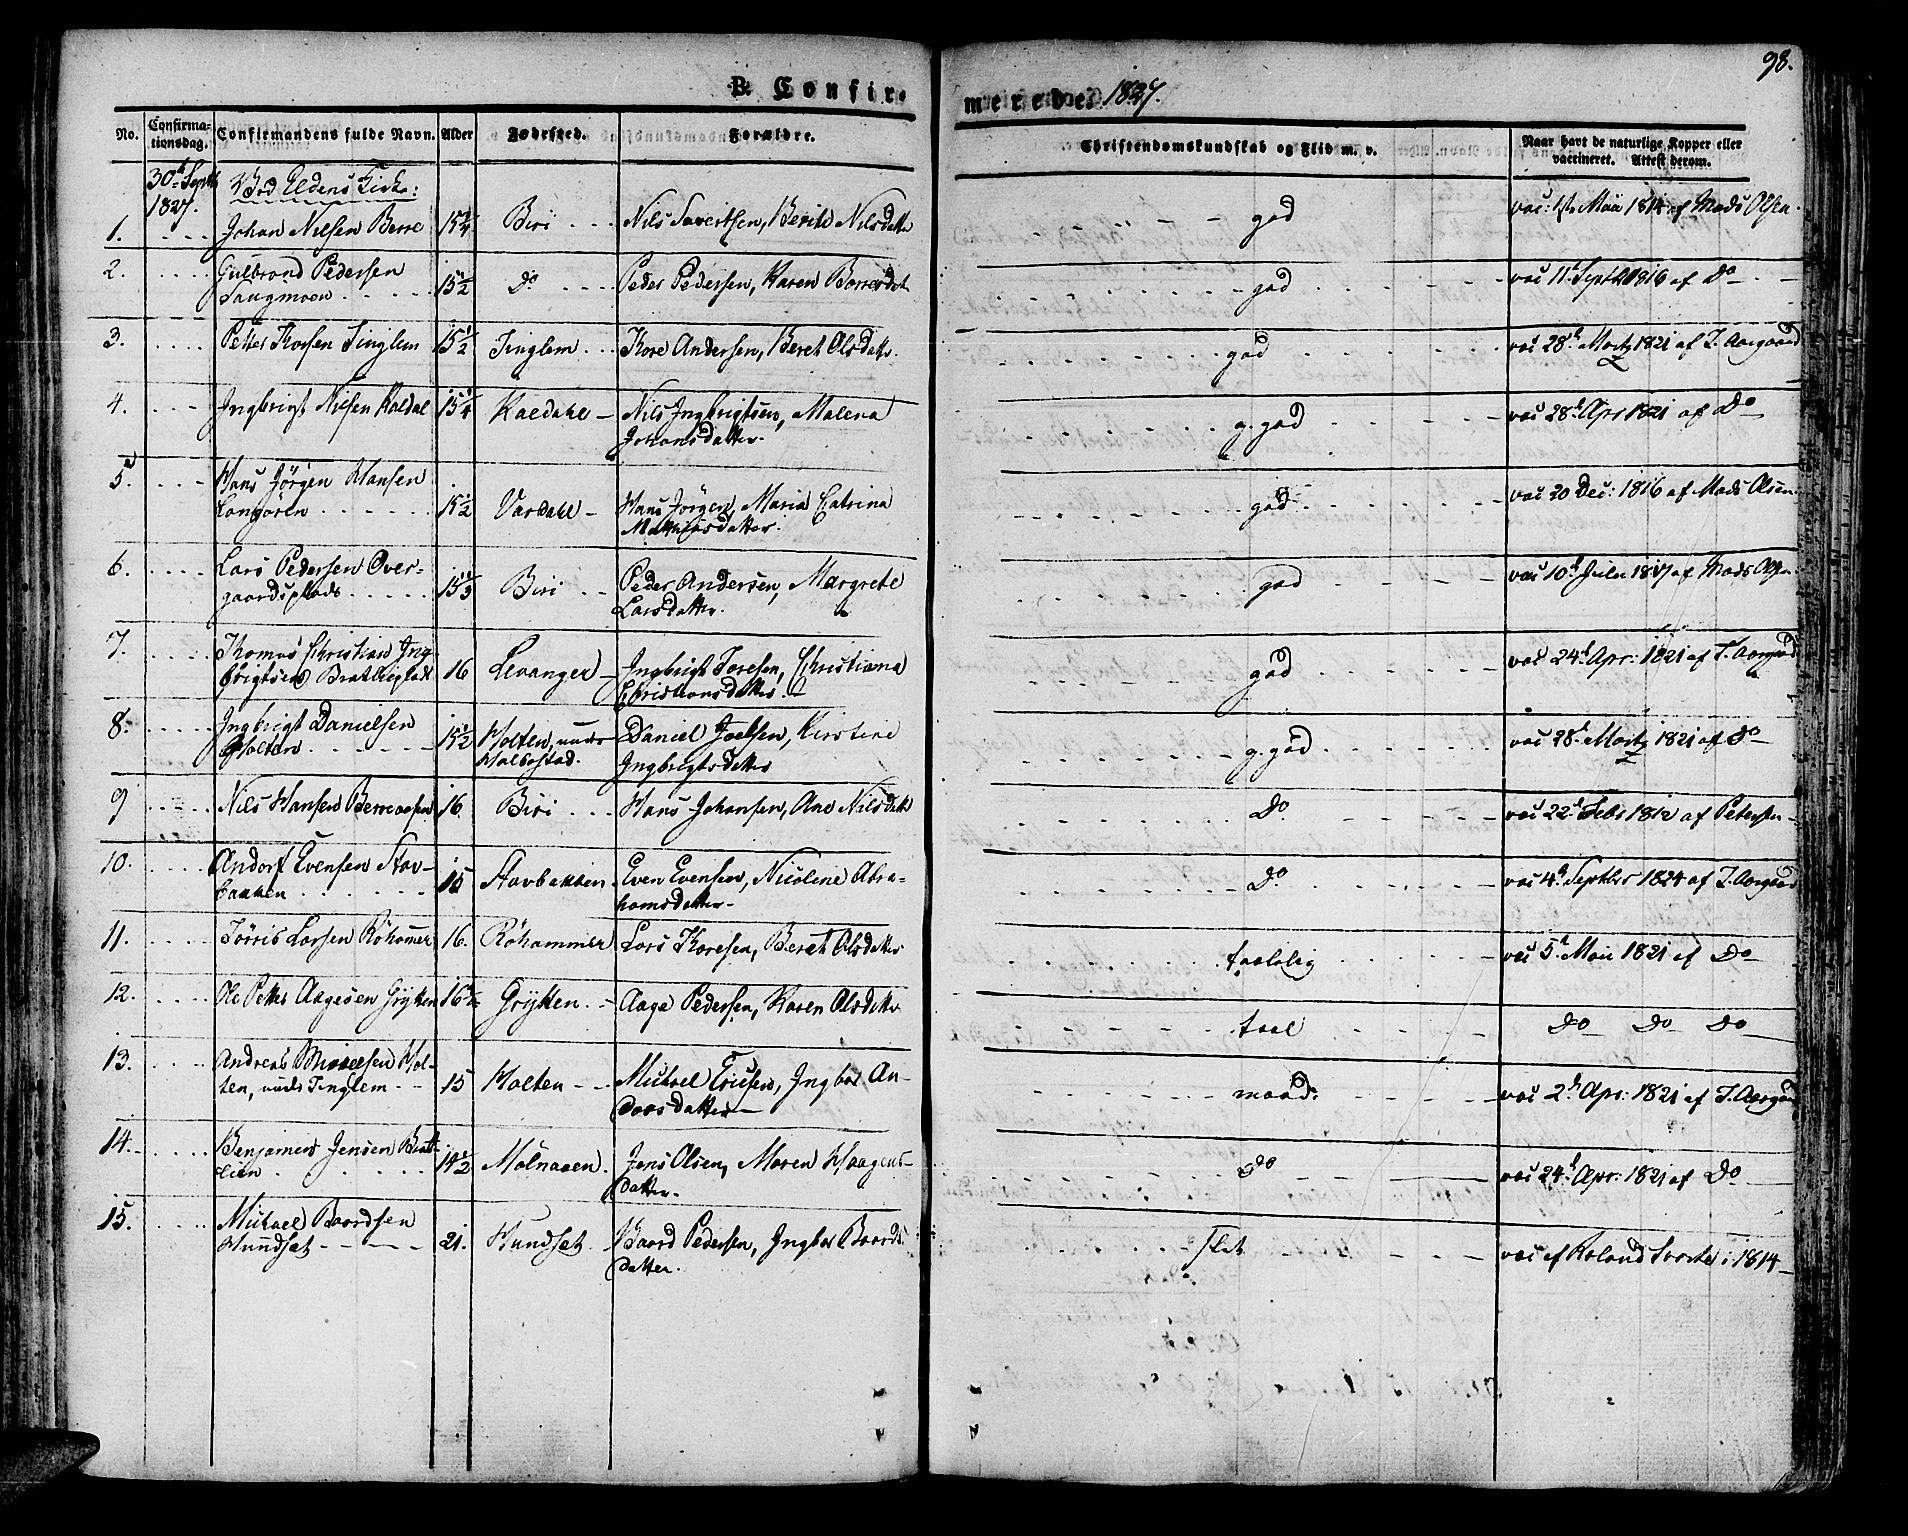 SAT, Ministerialprotokoller, klokkerbøker og fødselsregistre - Nord-Trøndelag, 741/L0390: Ministerialbok nr. 741A04, 1822-1836, s. 98